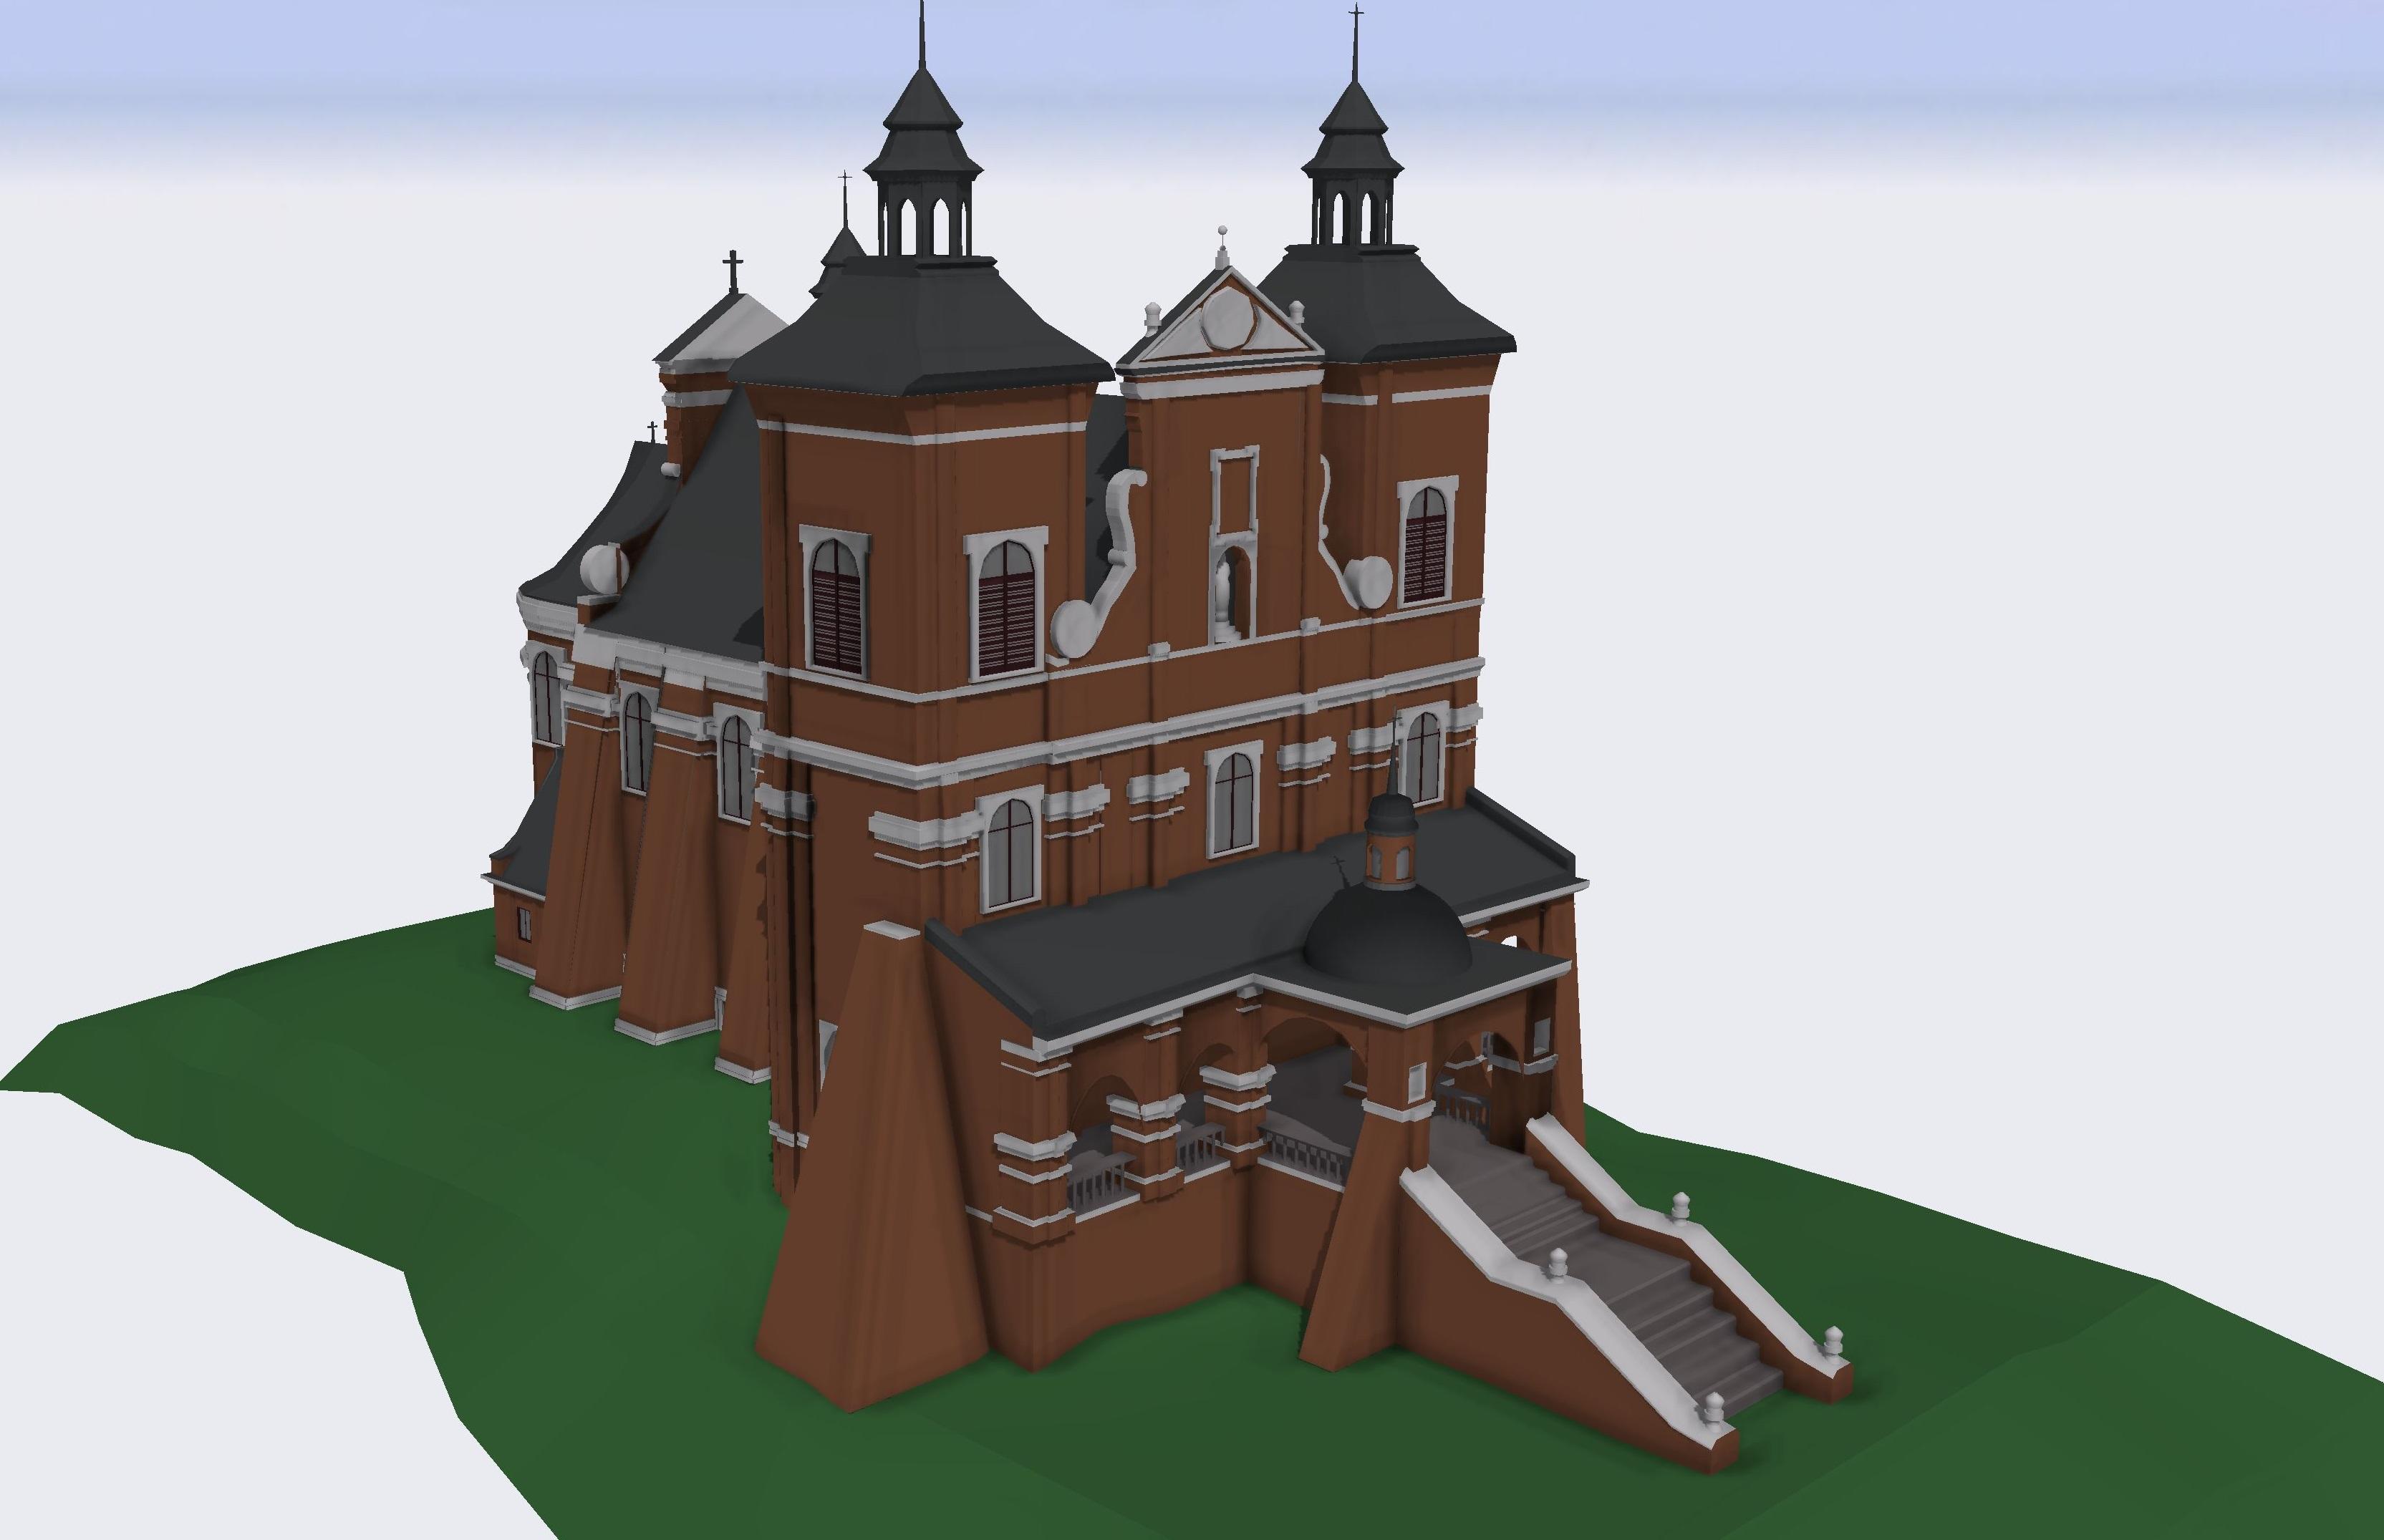 Rys. 5. Model zabytkowego kościoła Św. Antoniego Padewskiego w Radecznicy